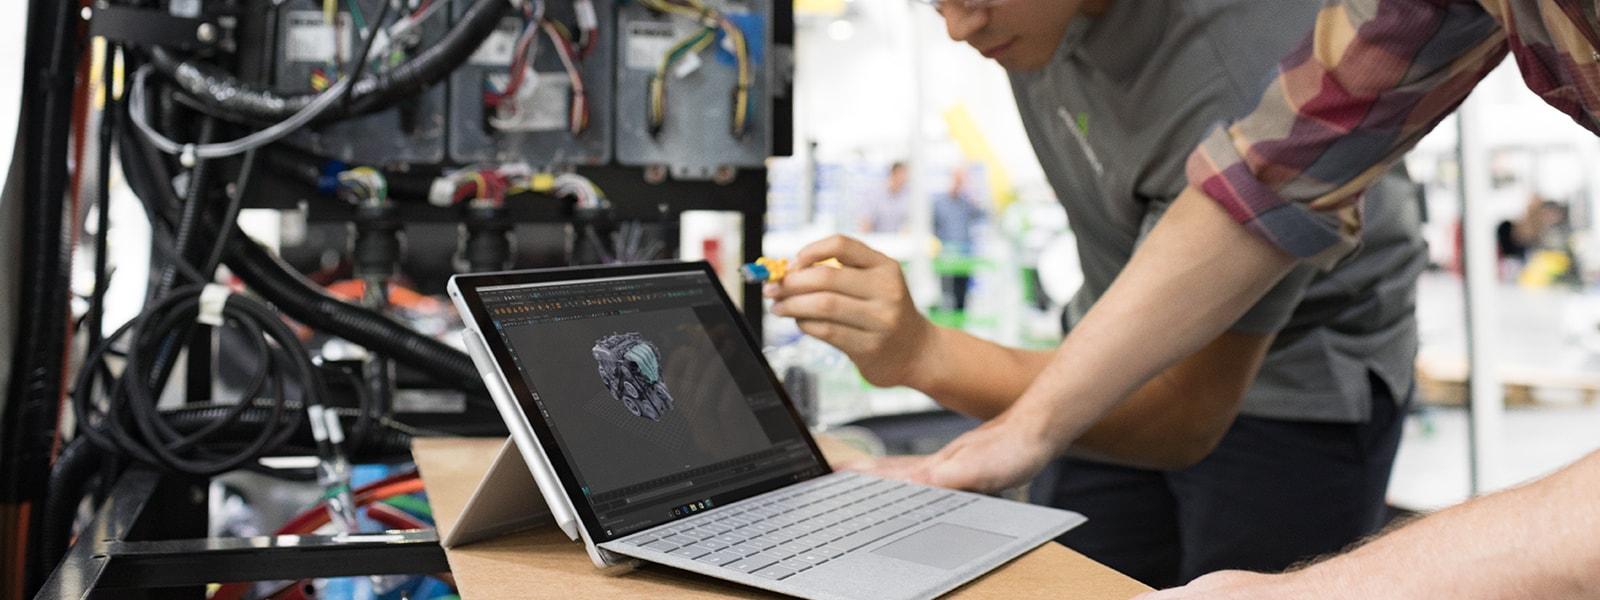 Zwei Männer verwenden AutoCad auf einem Surface Pro auf dem Tisch.